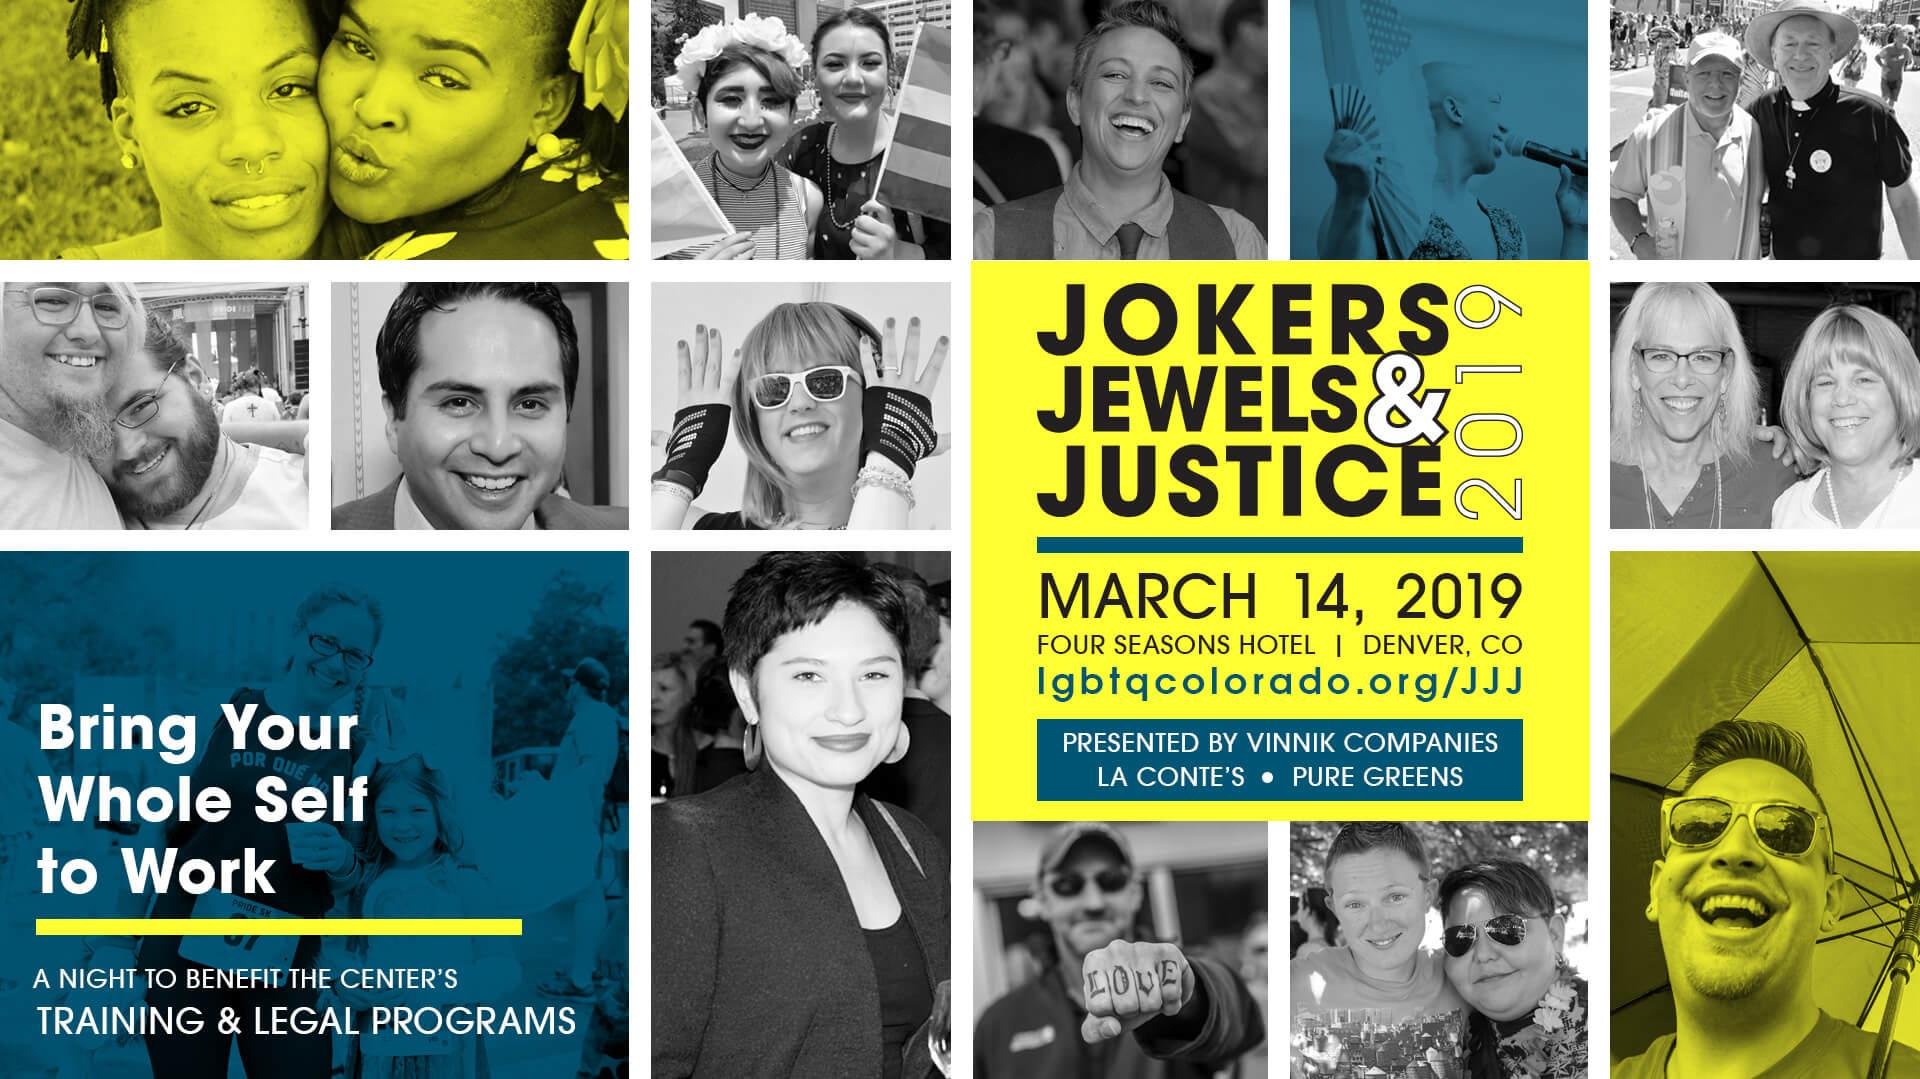 Jokers, Jewels & Justice 2019